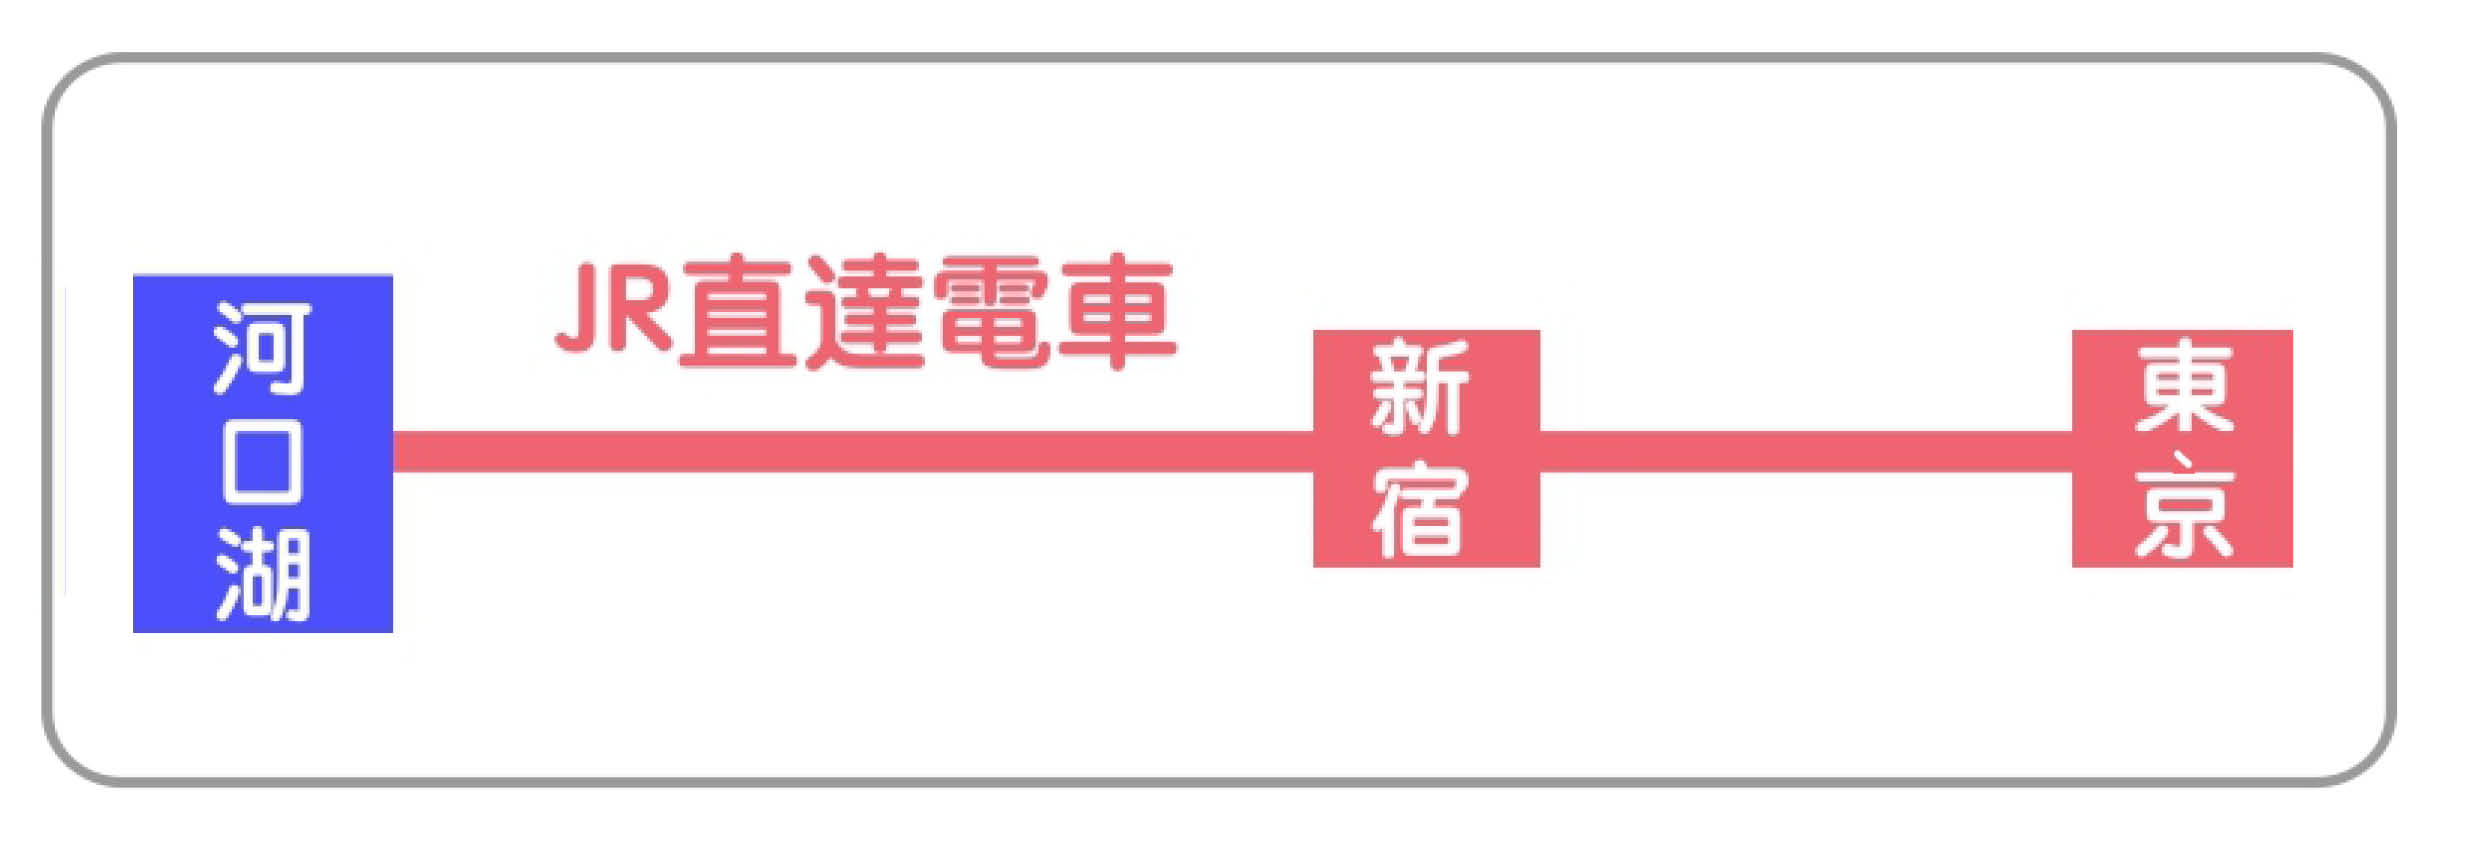 日本东京自由行新宿成田涩谷前往河口湖富士山富士五湖交通方式有JR电车中央缐富士急行直达高速巴士